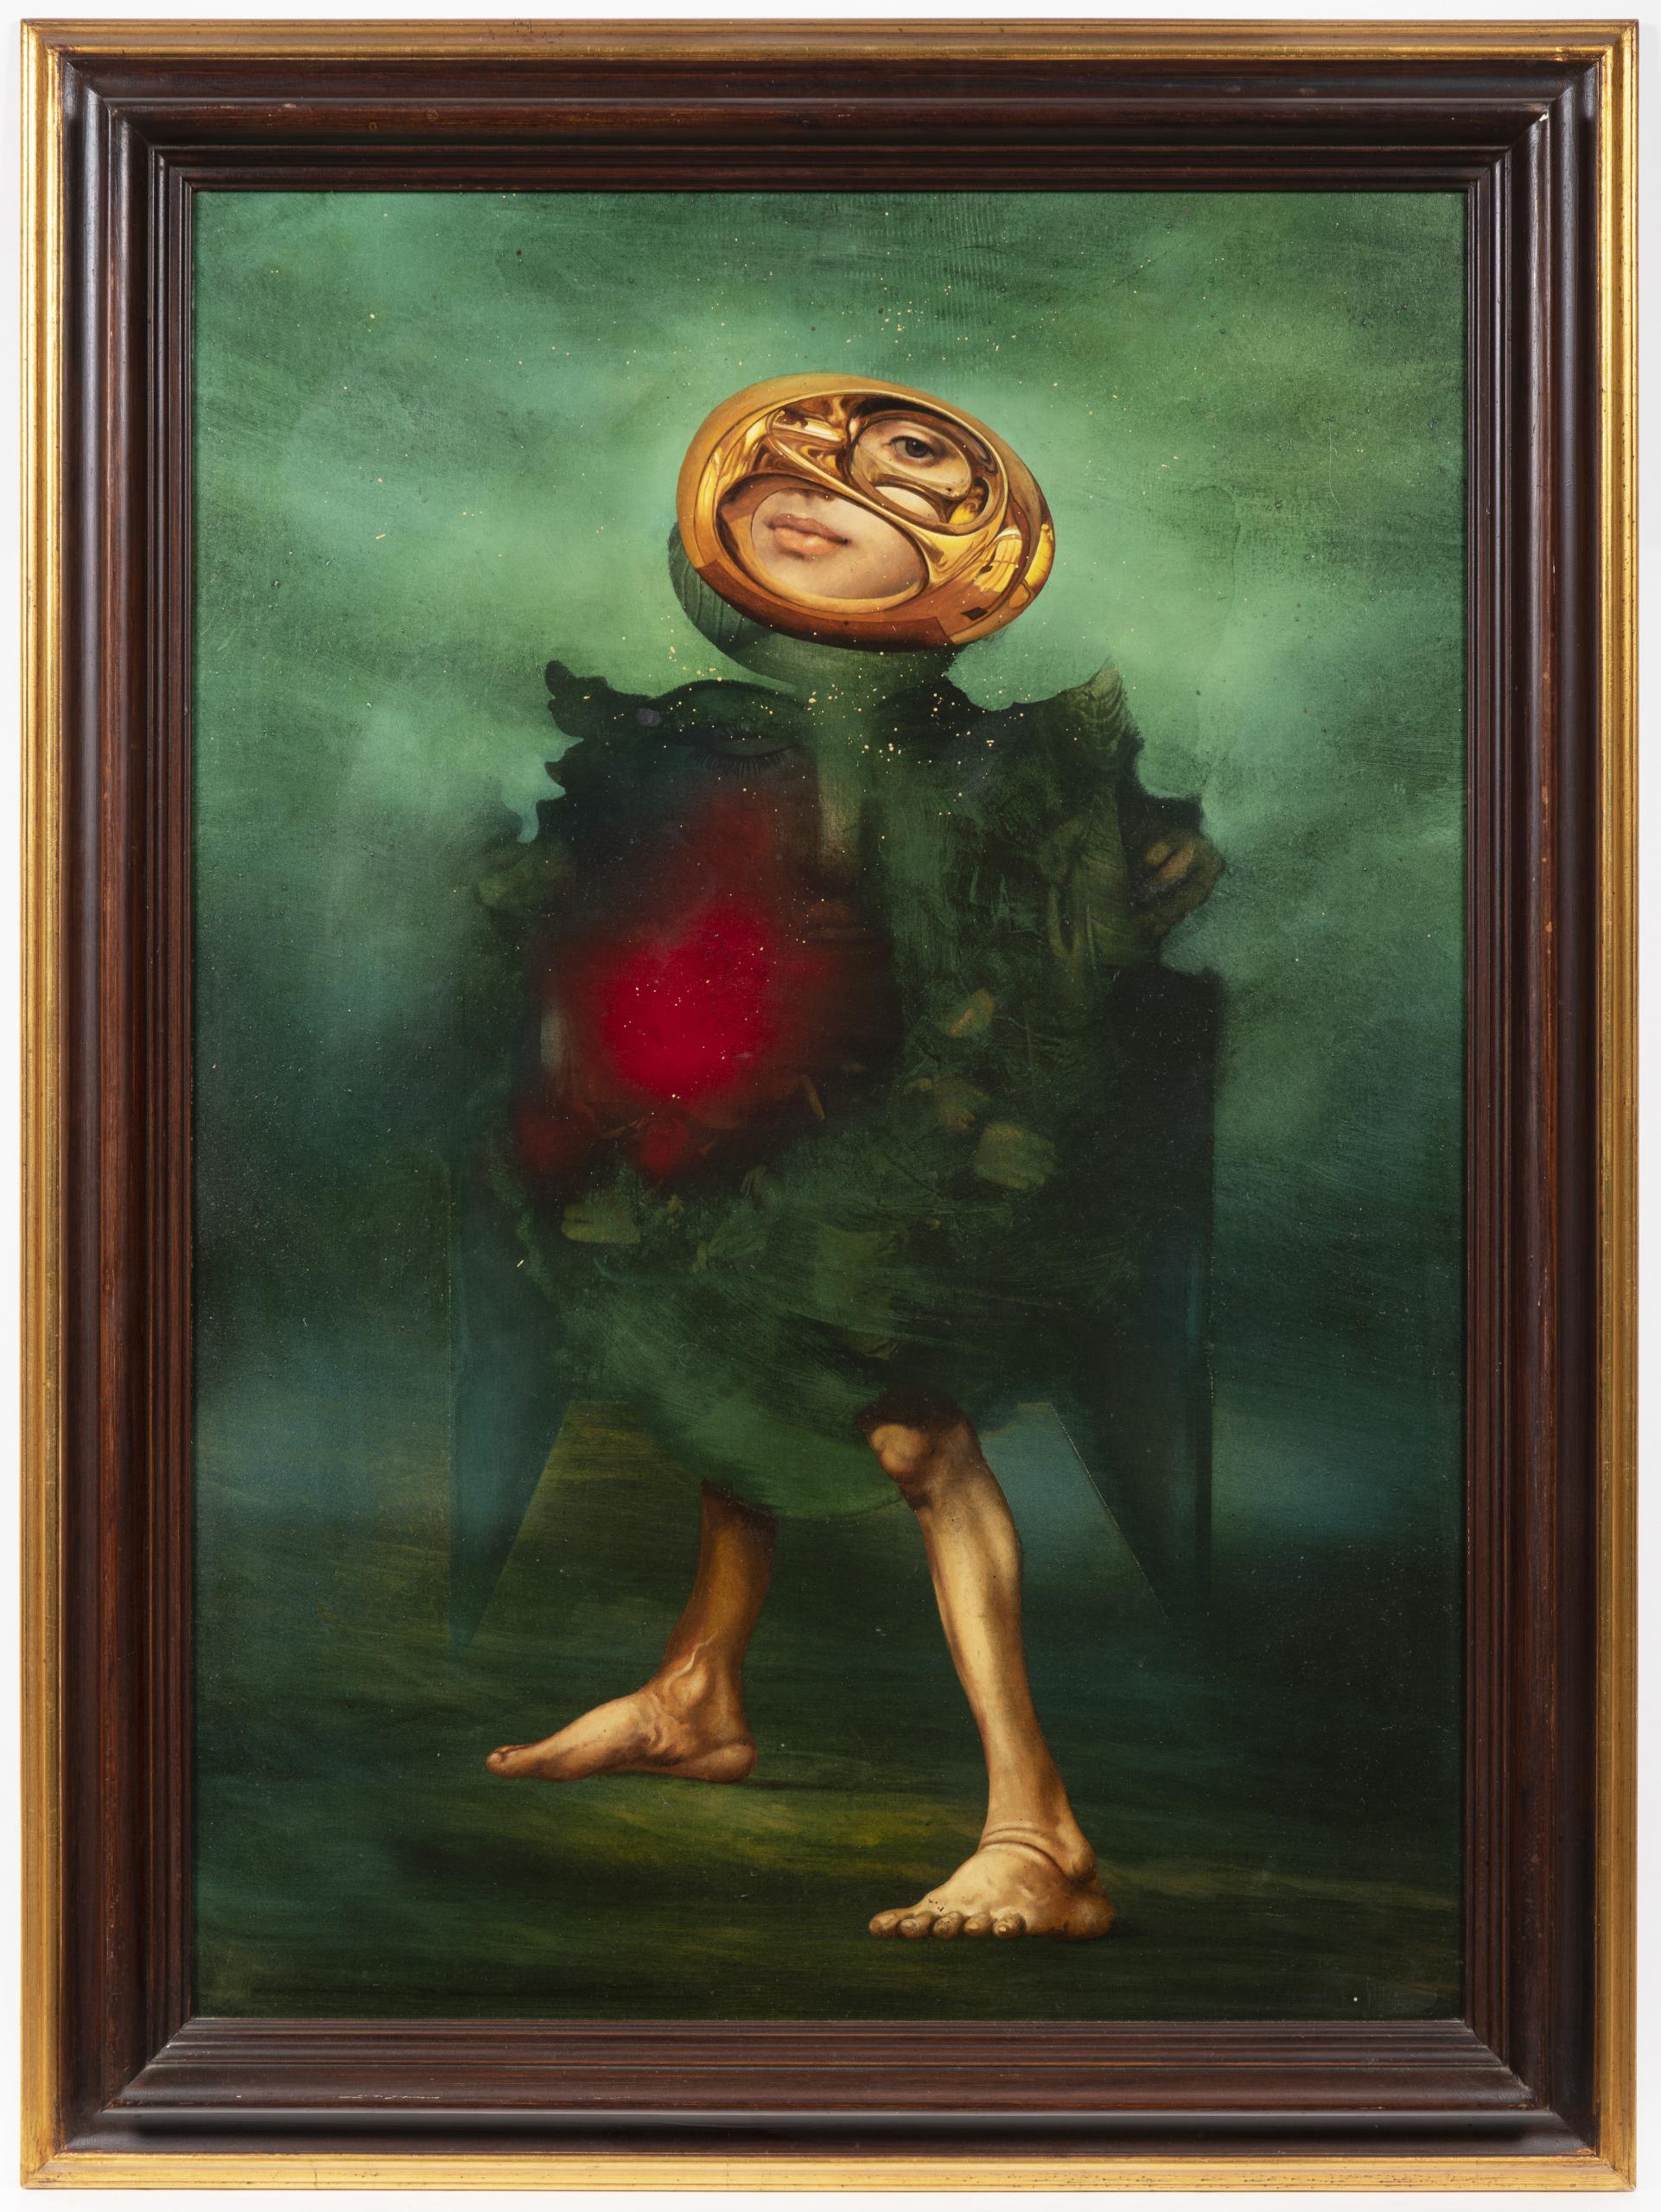 Arthouse Hejtmánek Zlatá přilba Aukce 2020